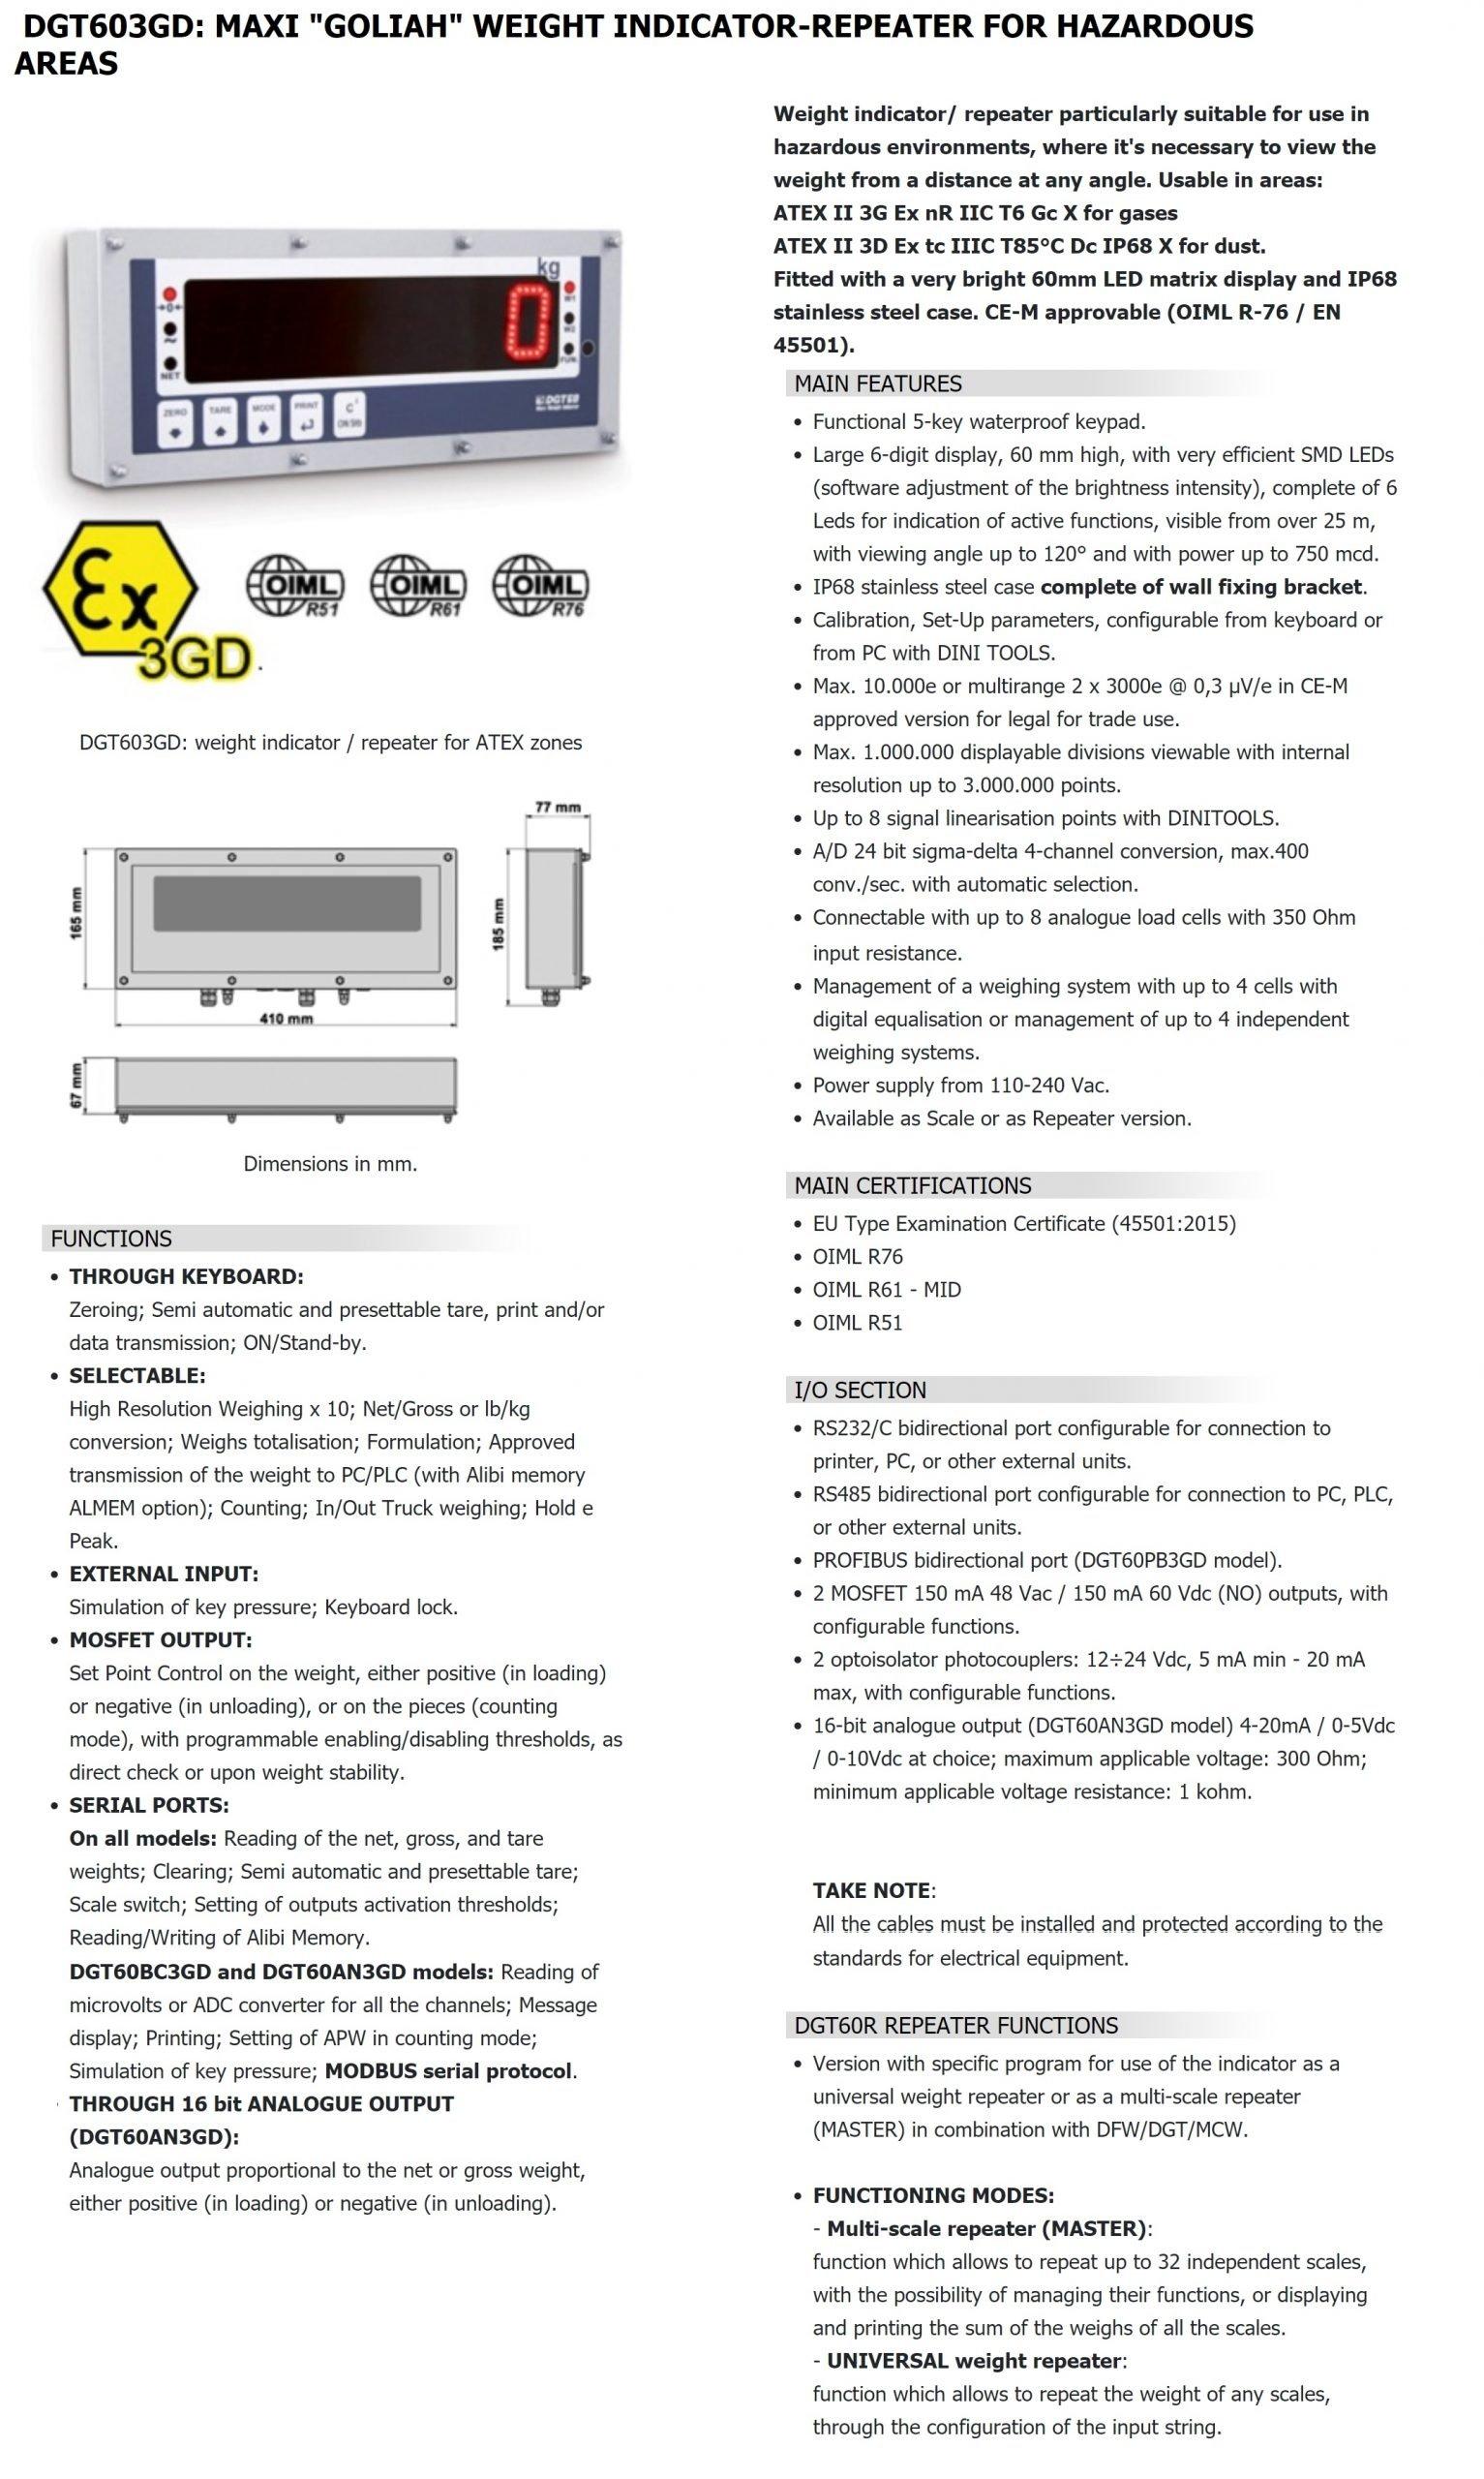 DGT-60-3GD-PAGE